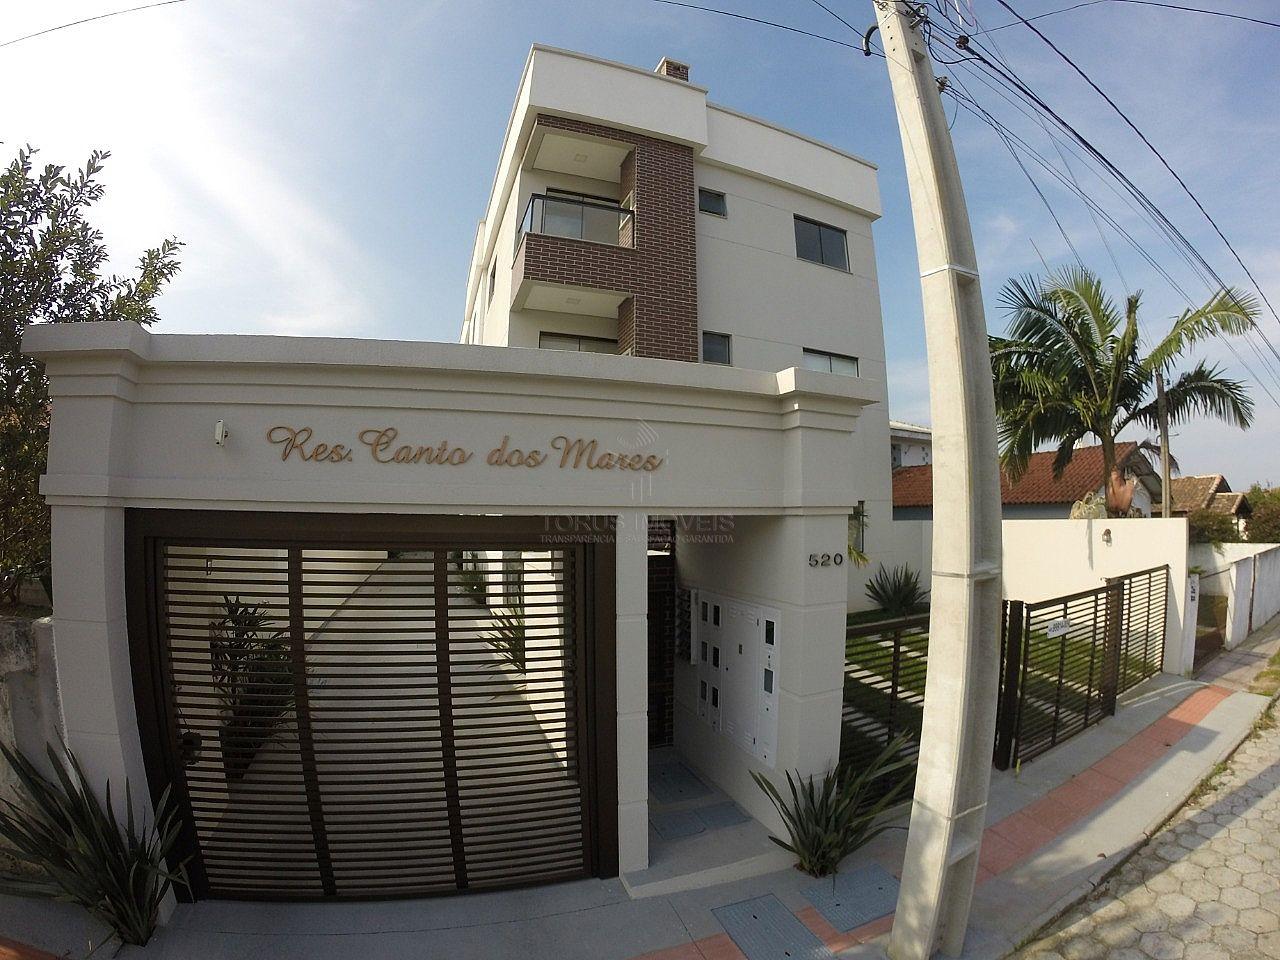 Apartamento para Venda - Vila Nova - Imbituba/SC - Residencial Canto dos Mares